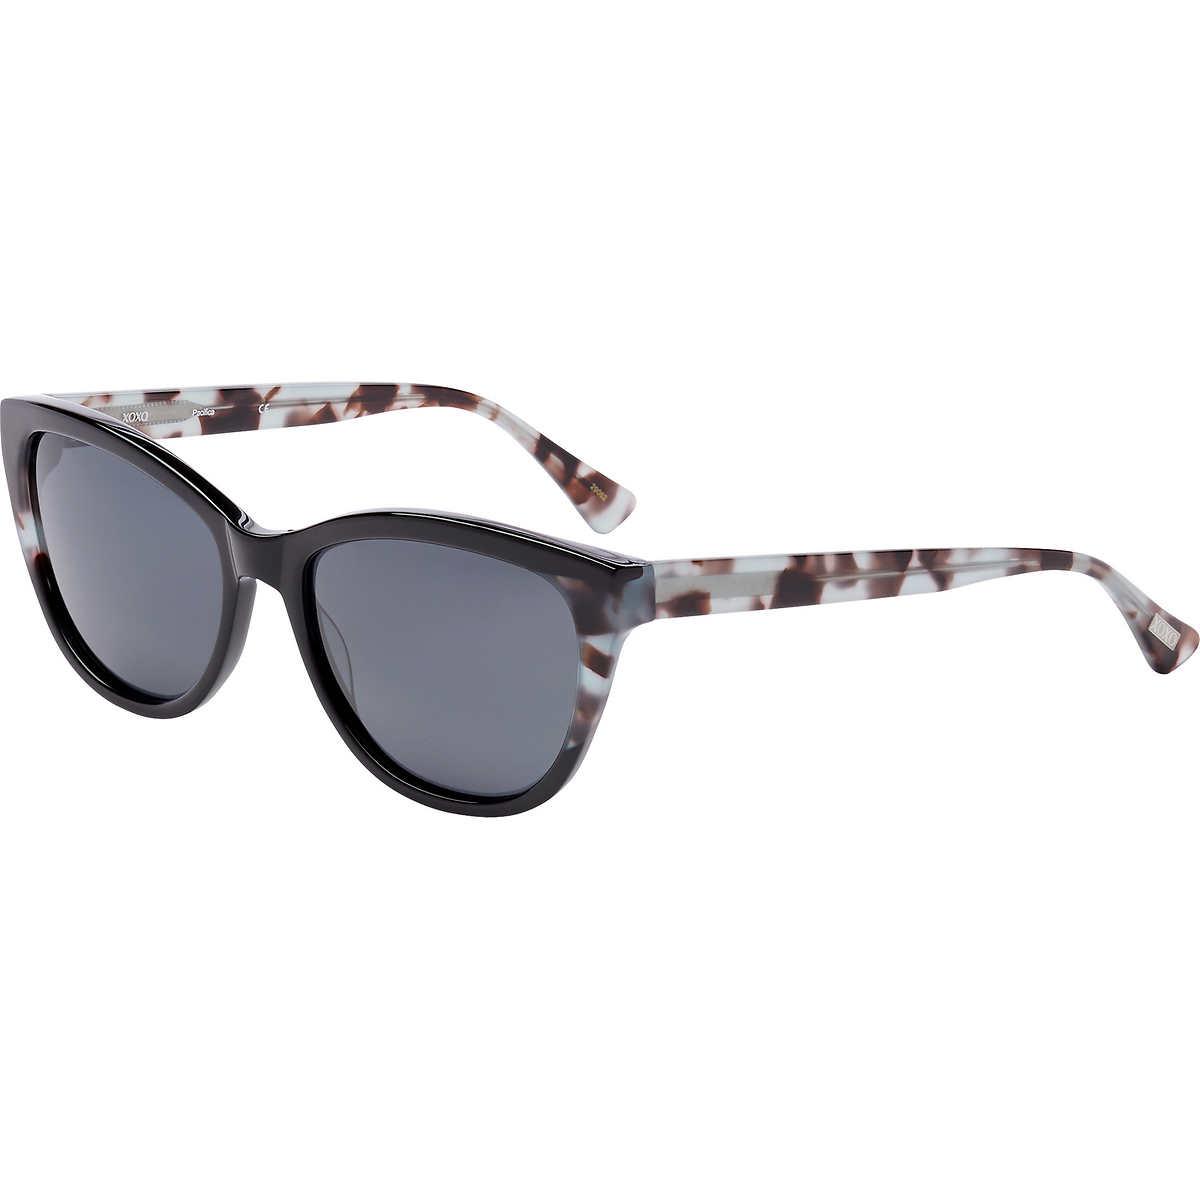 5dcd00e8fc XOXO Pacifica Black Polarized Sunglasses. 1 1